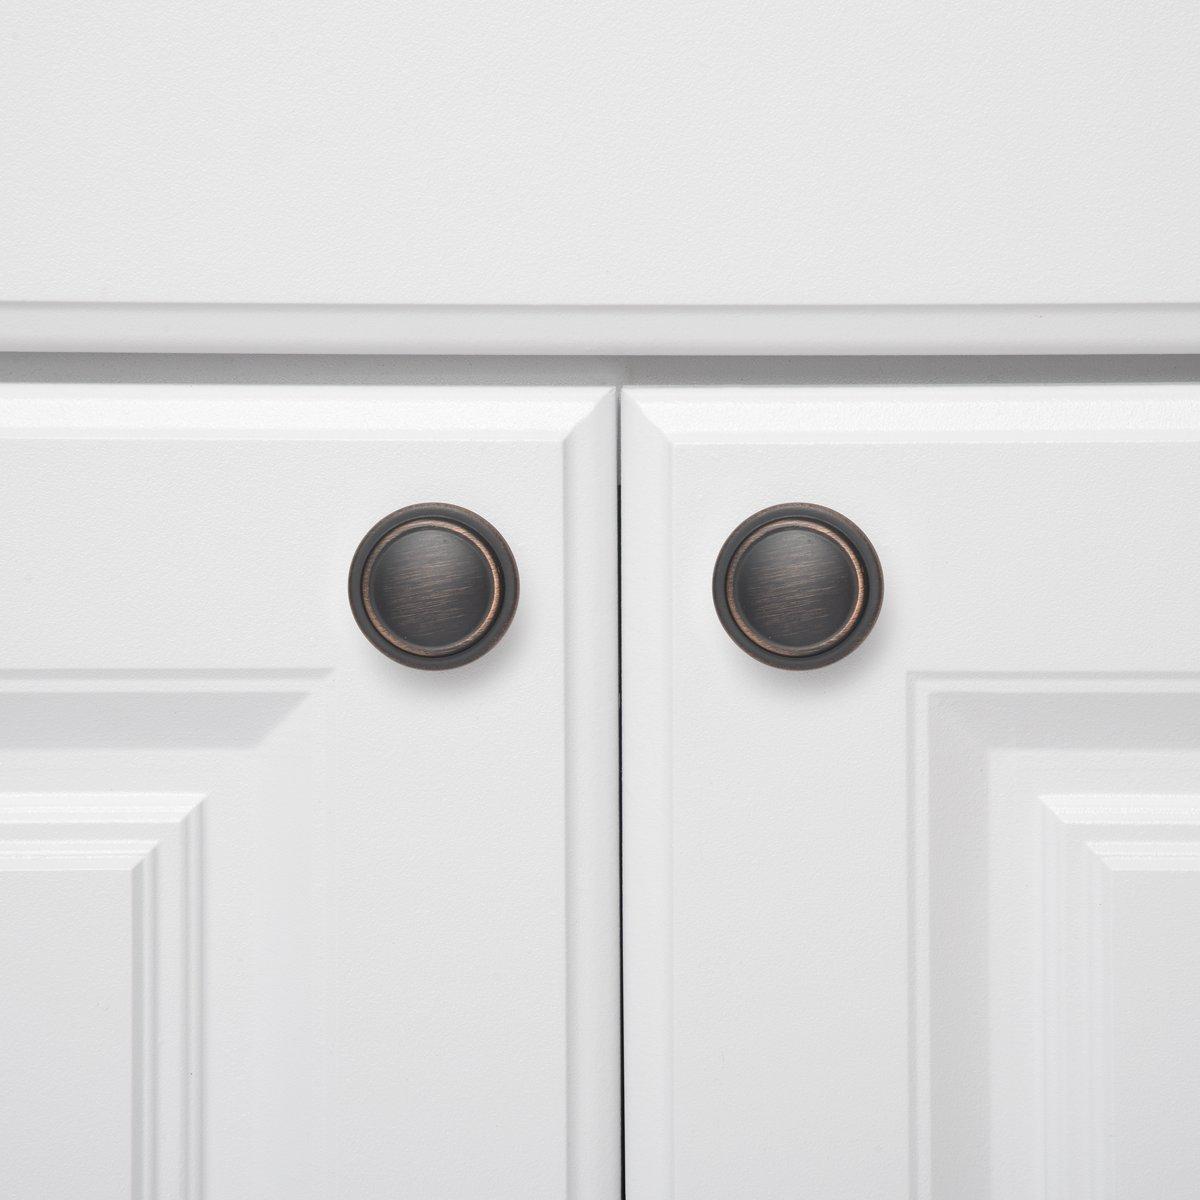 Pomo de armario 3,17 cm de di/ámetro Negro liso Paquete de 25 Basics con dise/ño de aro superior plano